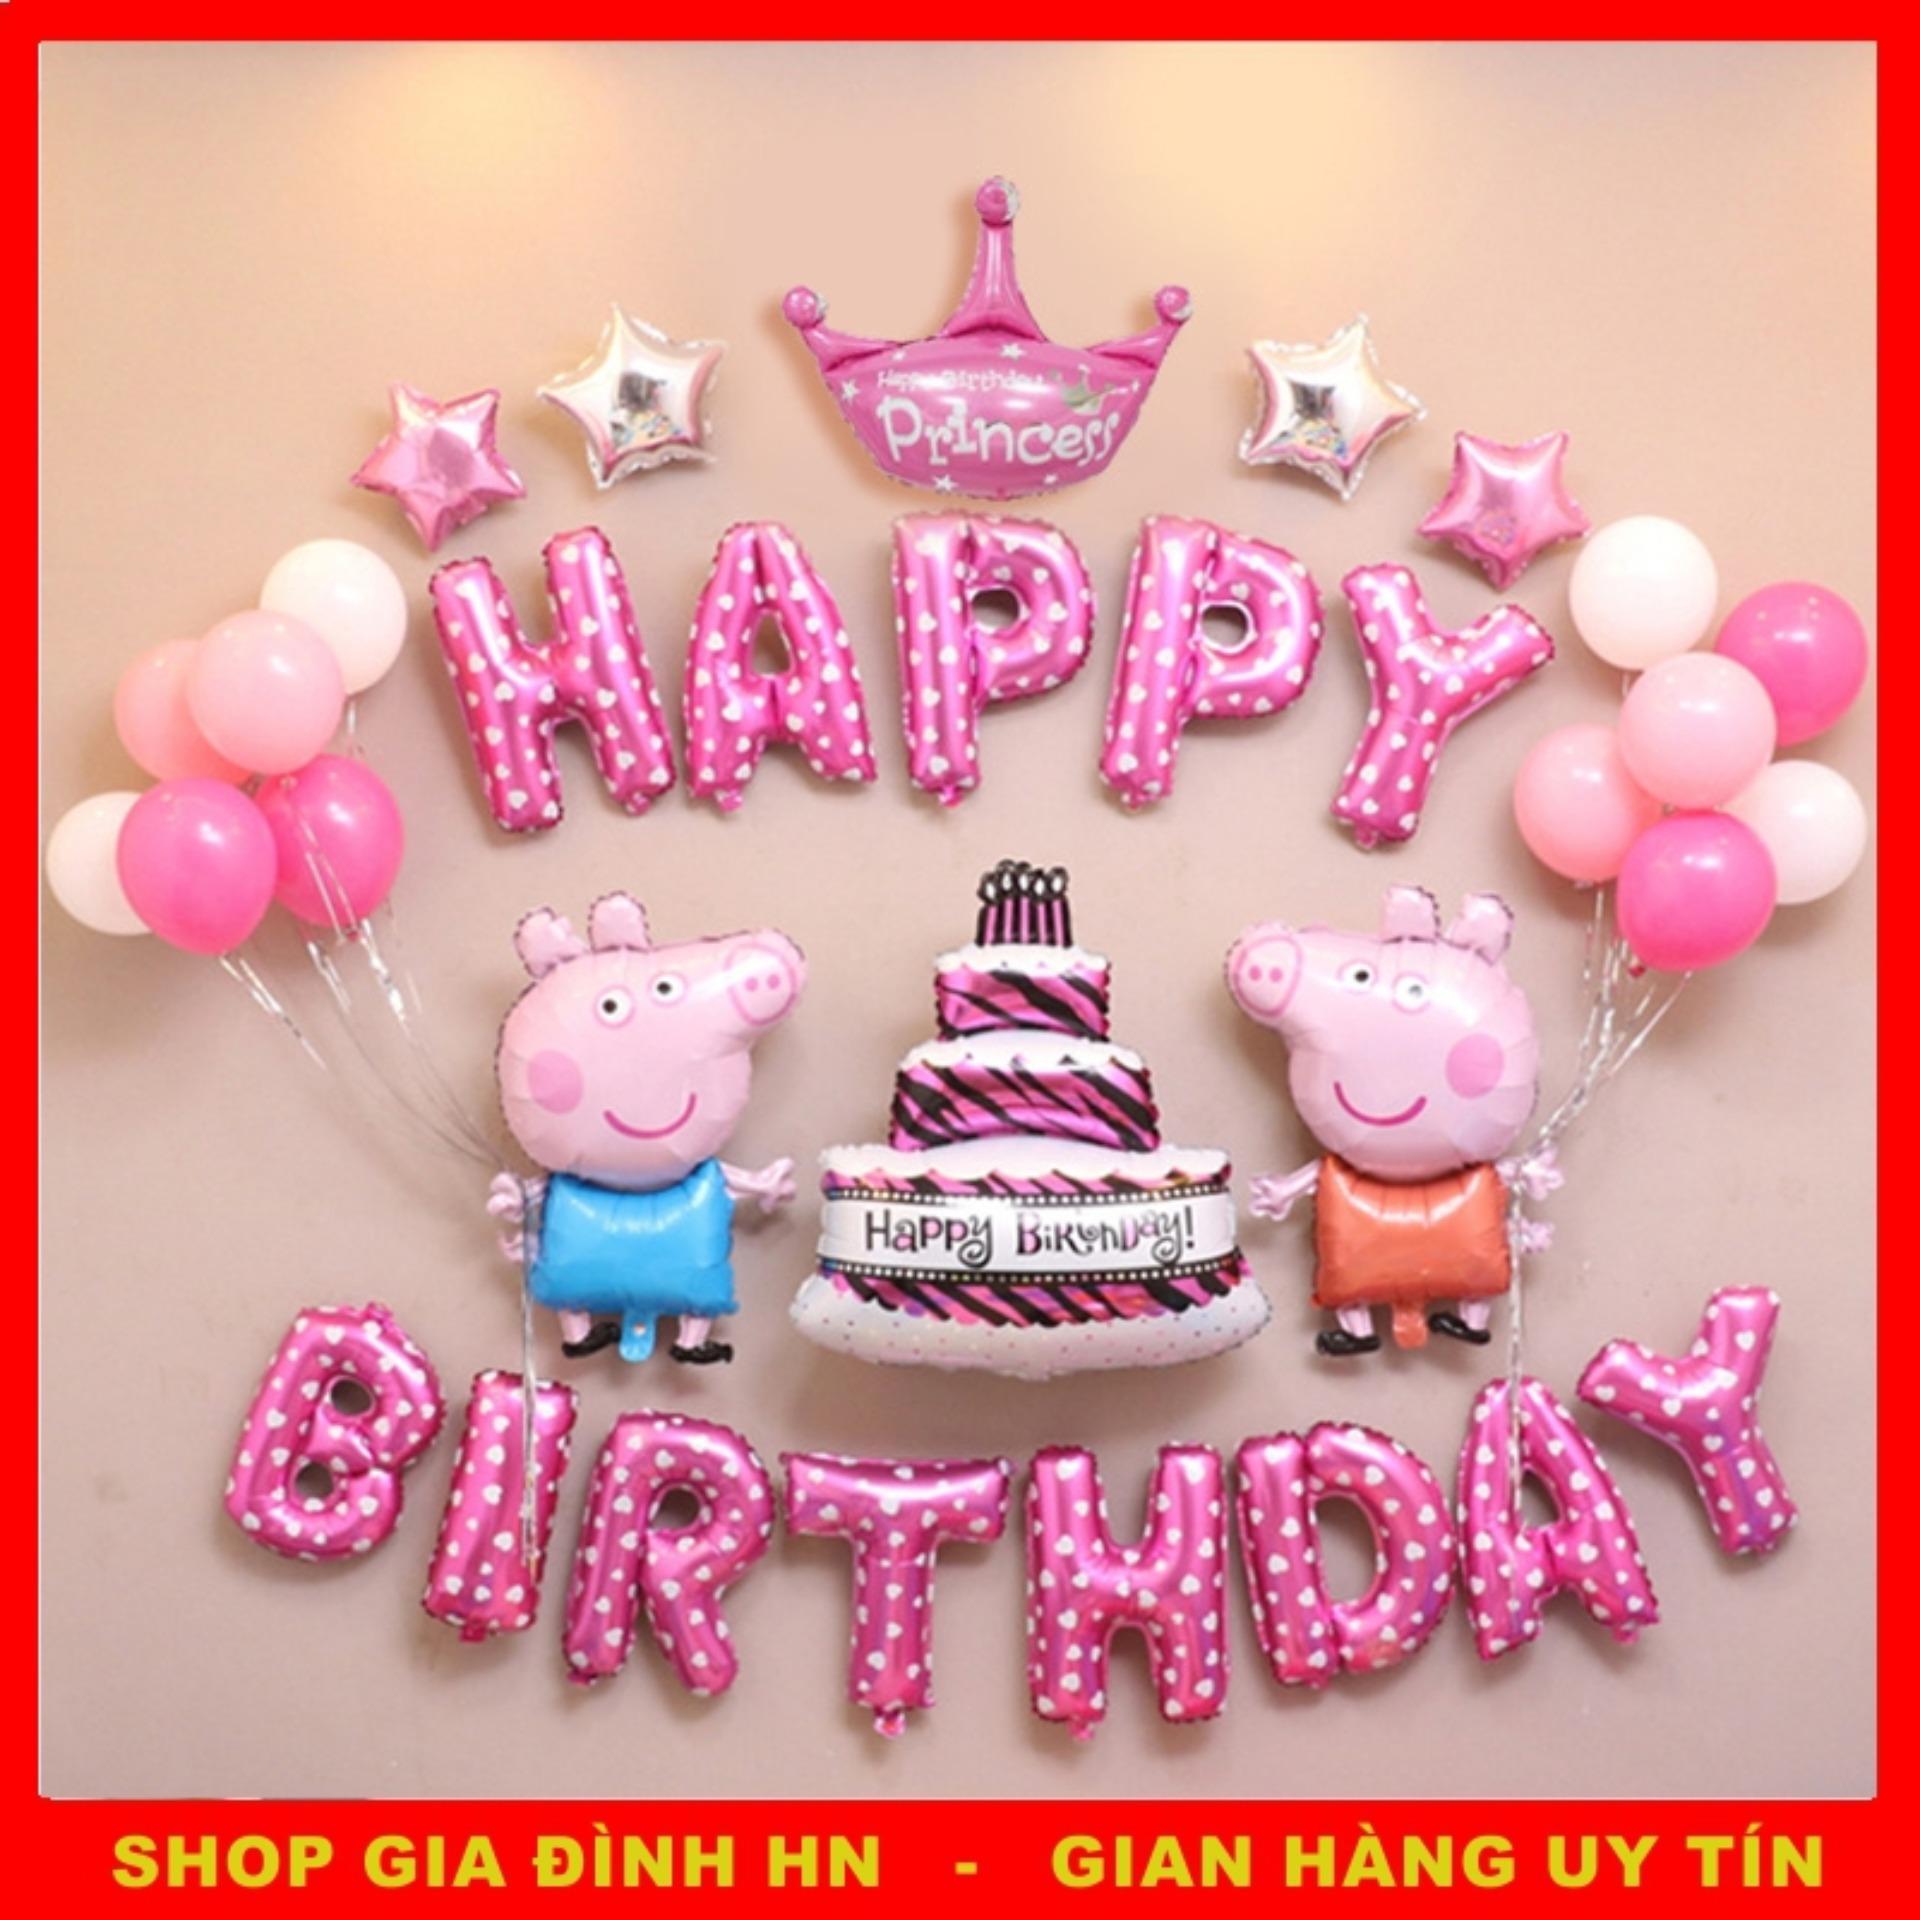 Bộ Bóng Trang Trí Sinh Nhật,Bong Bóng Peppa Pig Cho Cả Bé Trai,Bé Gái, ( Có tặng Bơm và Dây ruy băng )